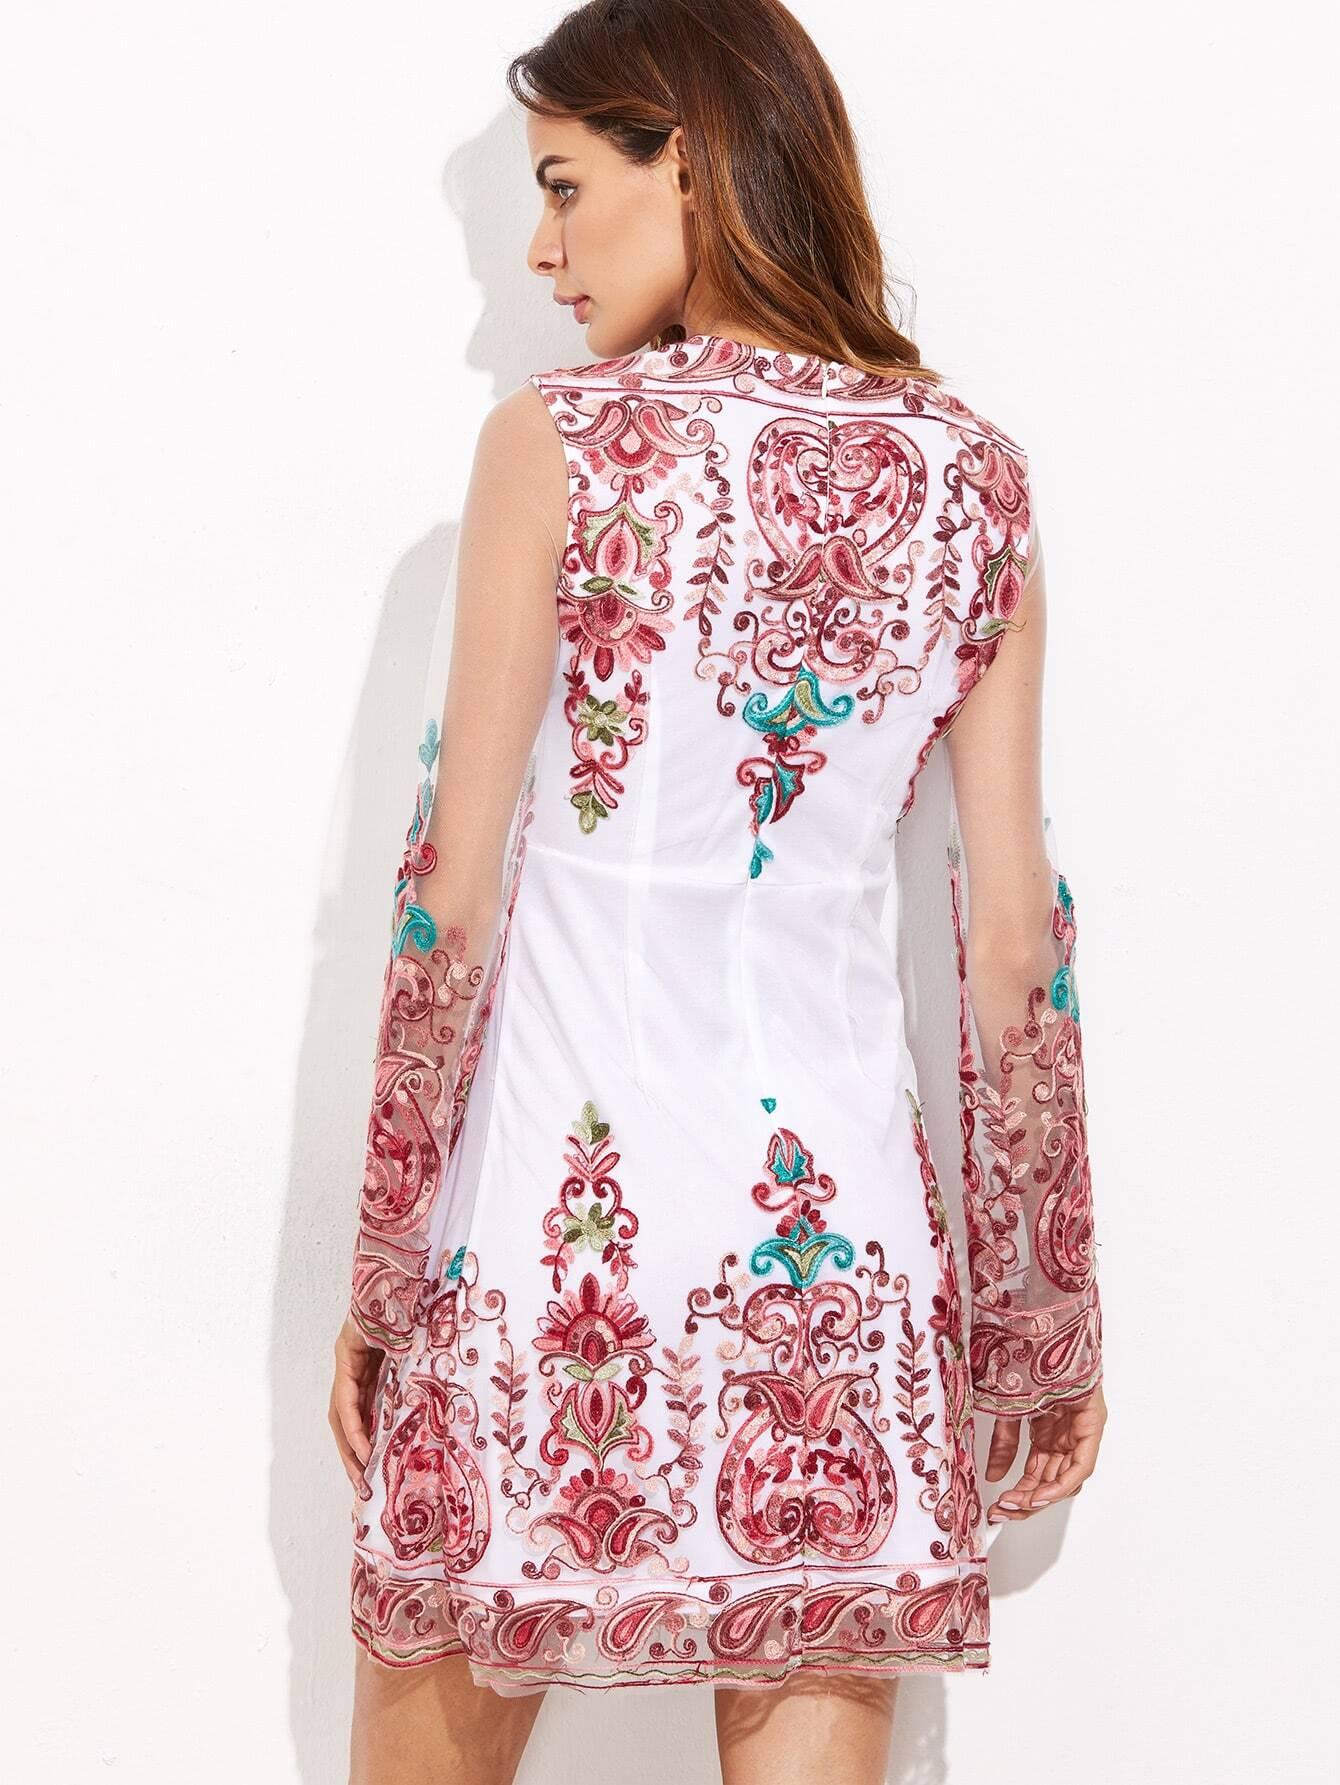 dress161025709_2